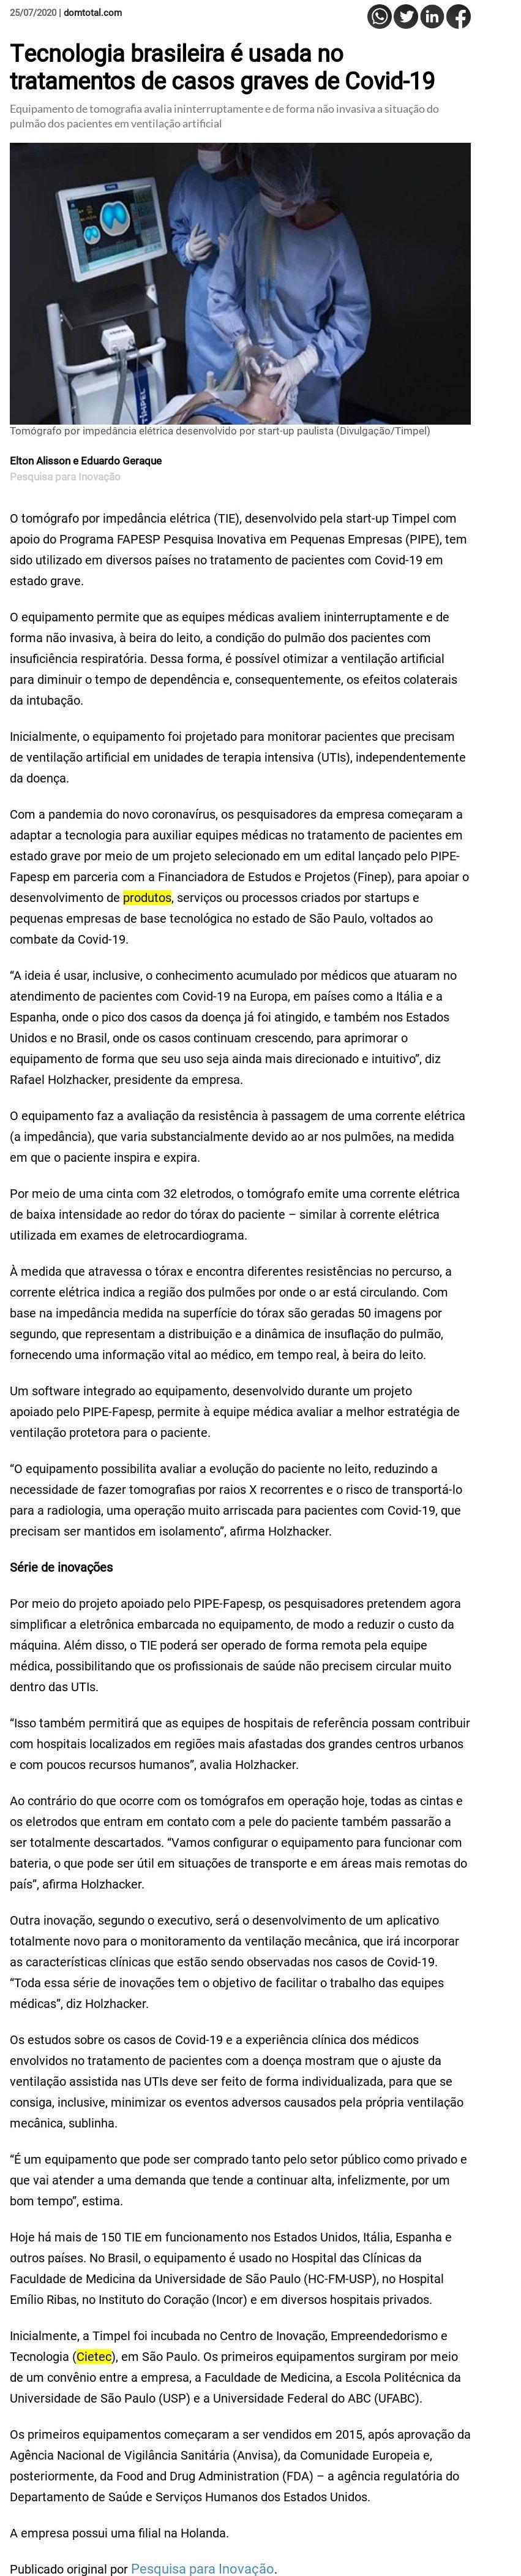 Tecnologia brasileira é usada no tratamentos de casos graves de Covid - Dom Total